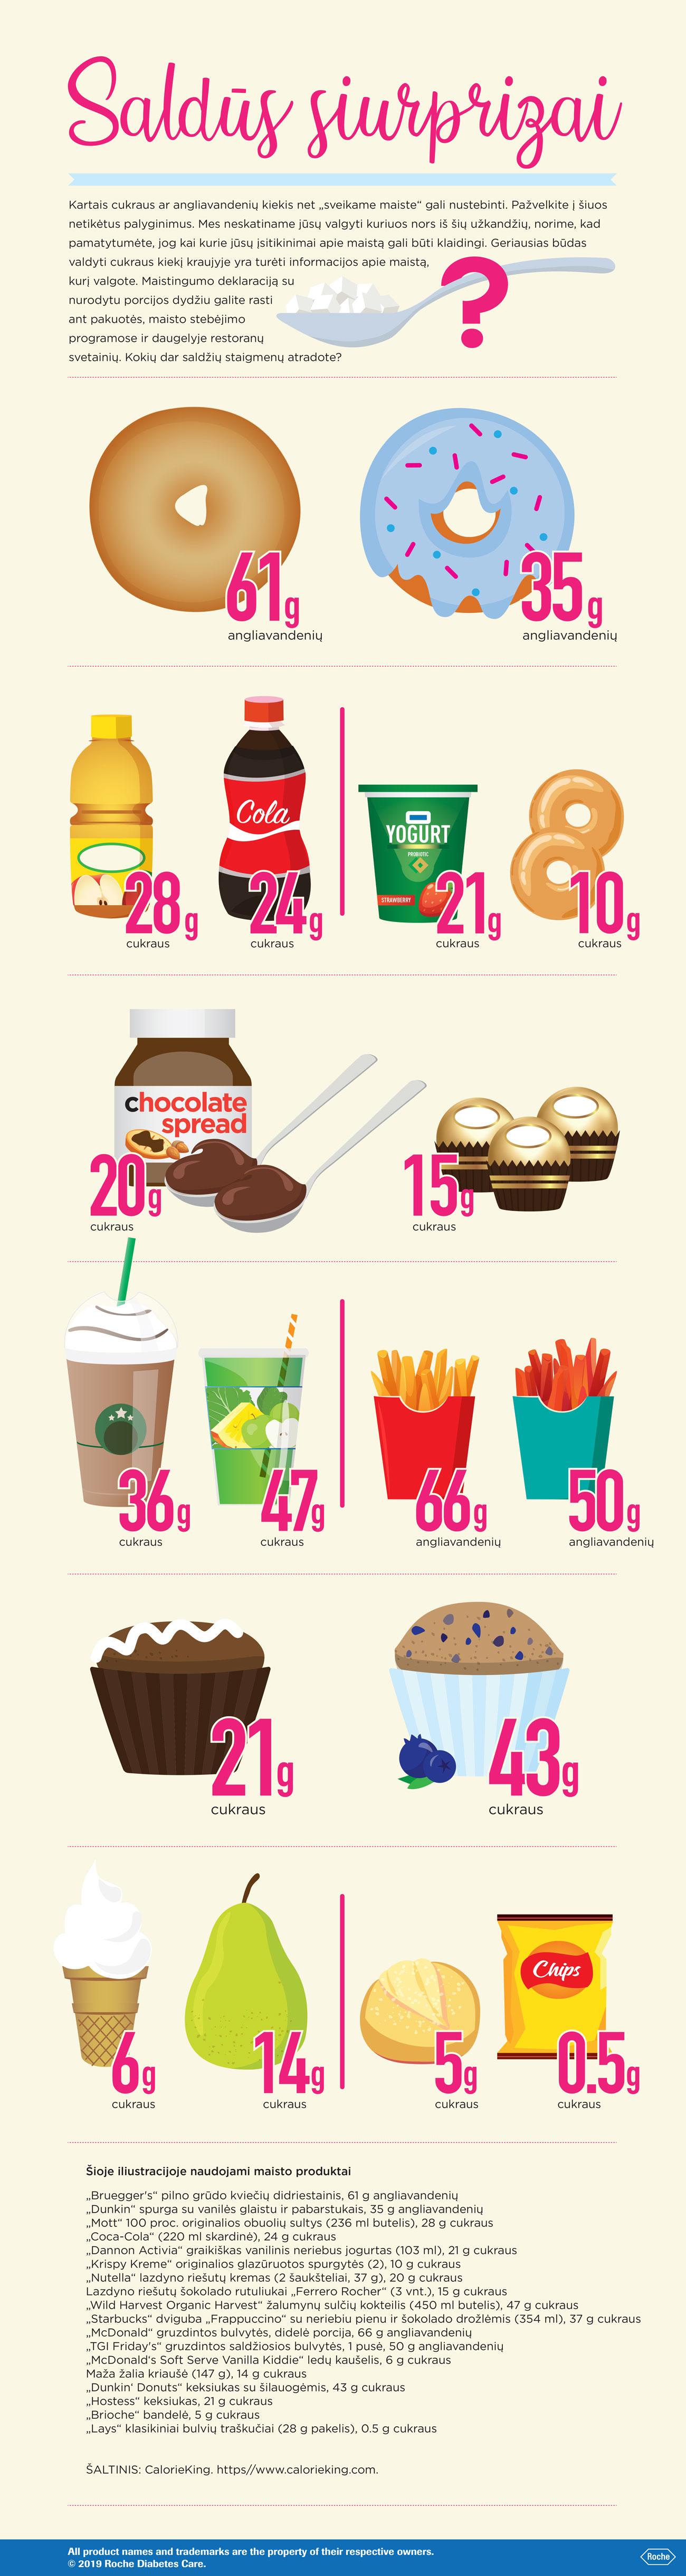 diabetes cukrinis ir mityba sveika